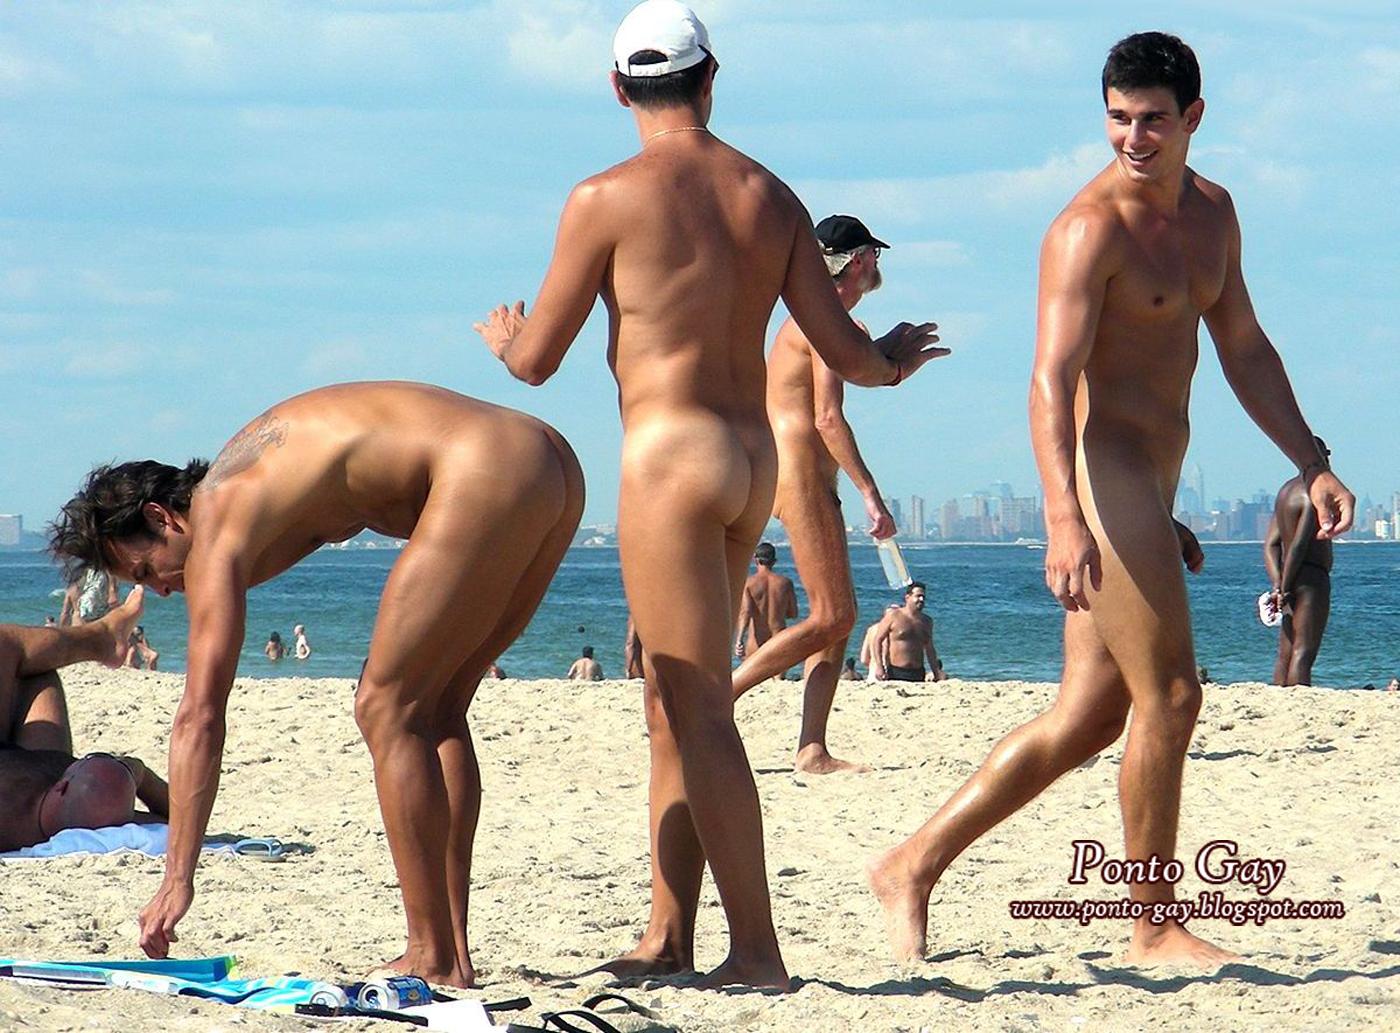 Голые ребята фото на пляже — photo 11